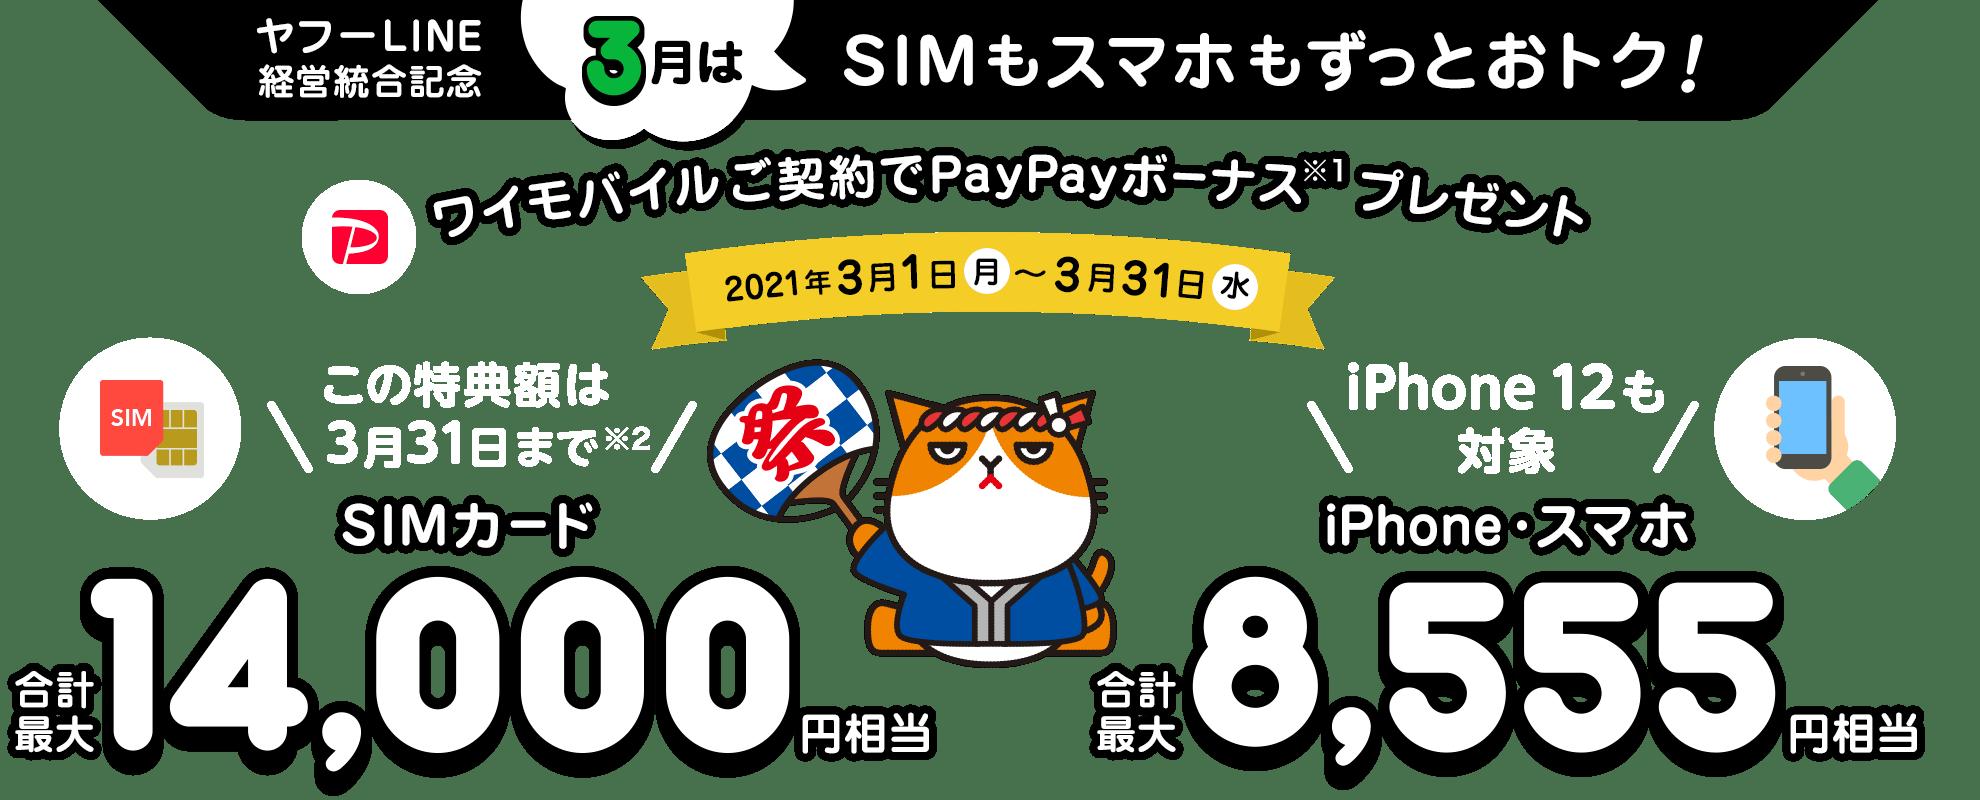 ヤフーLINE経営統合記念 3月はSIMもスマホもずっとおトク! ワイモバイルご契約でPayPayボーナス※1プレゼント 2021年3月1日月曜日から3月31日水曜日 この特典額は3/31まで※2 SIMカード合計最大14,000円相当 iPhone 12も対象 iPhone・スマホ合計最大8,555円相当